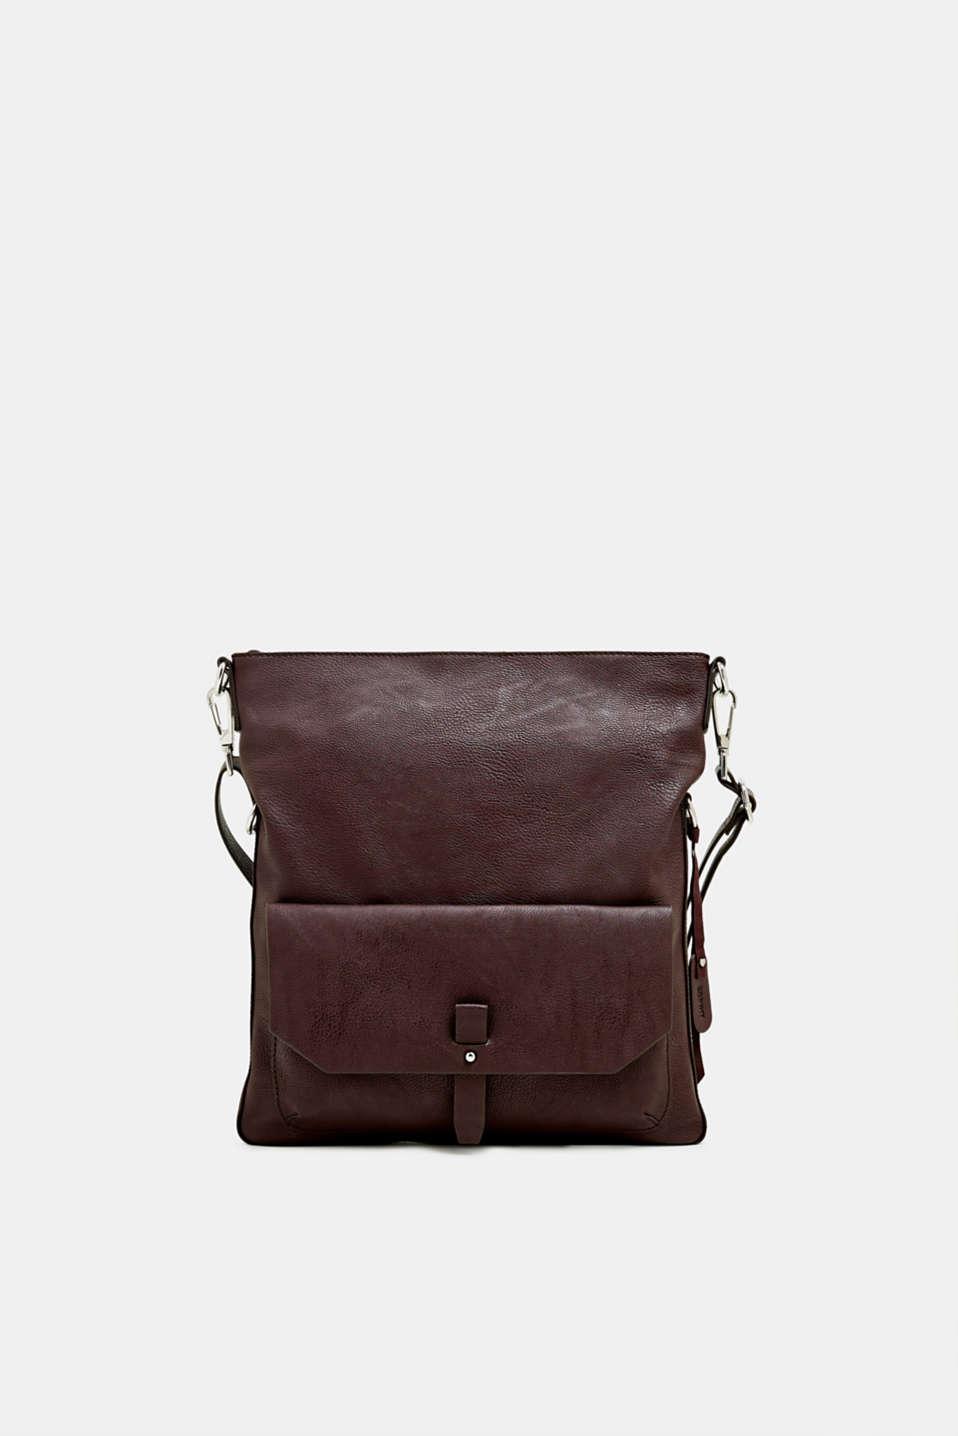 Adjustable faux leather shoulder bag, BORDEAUX RED, detail image number 0